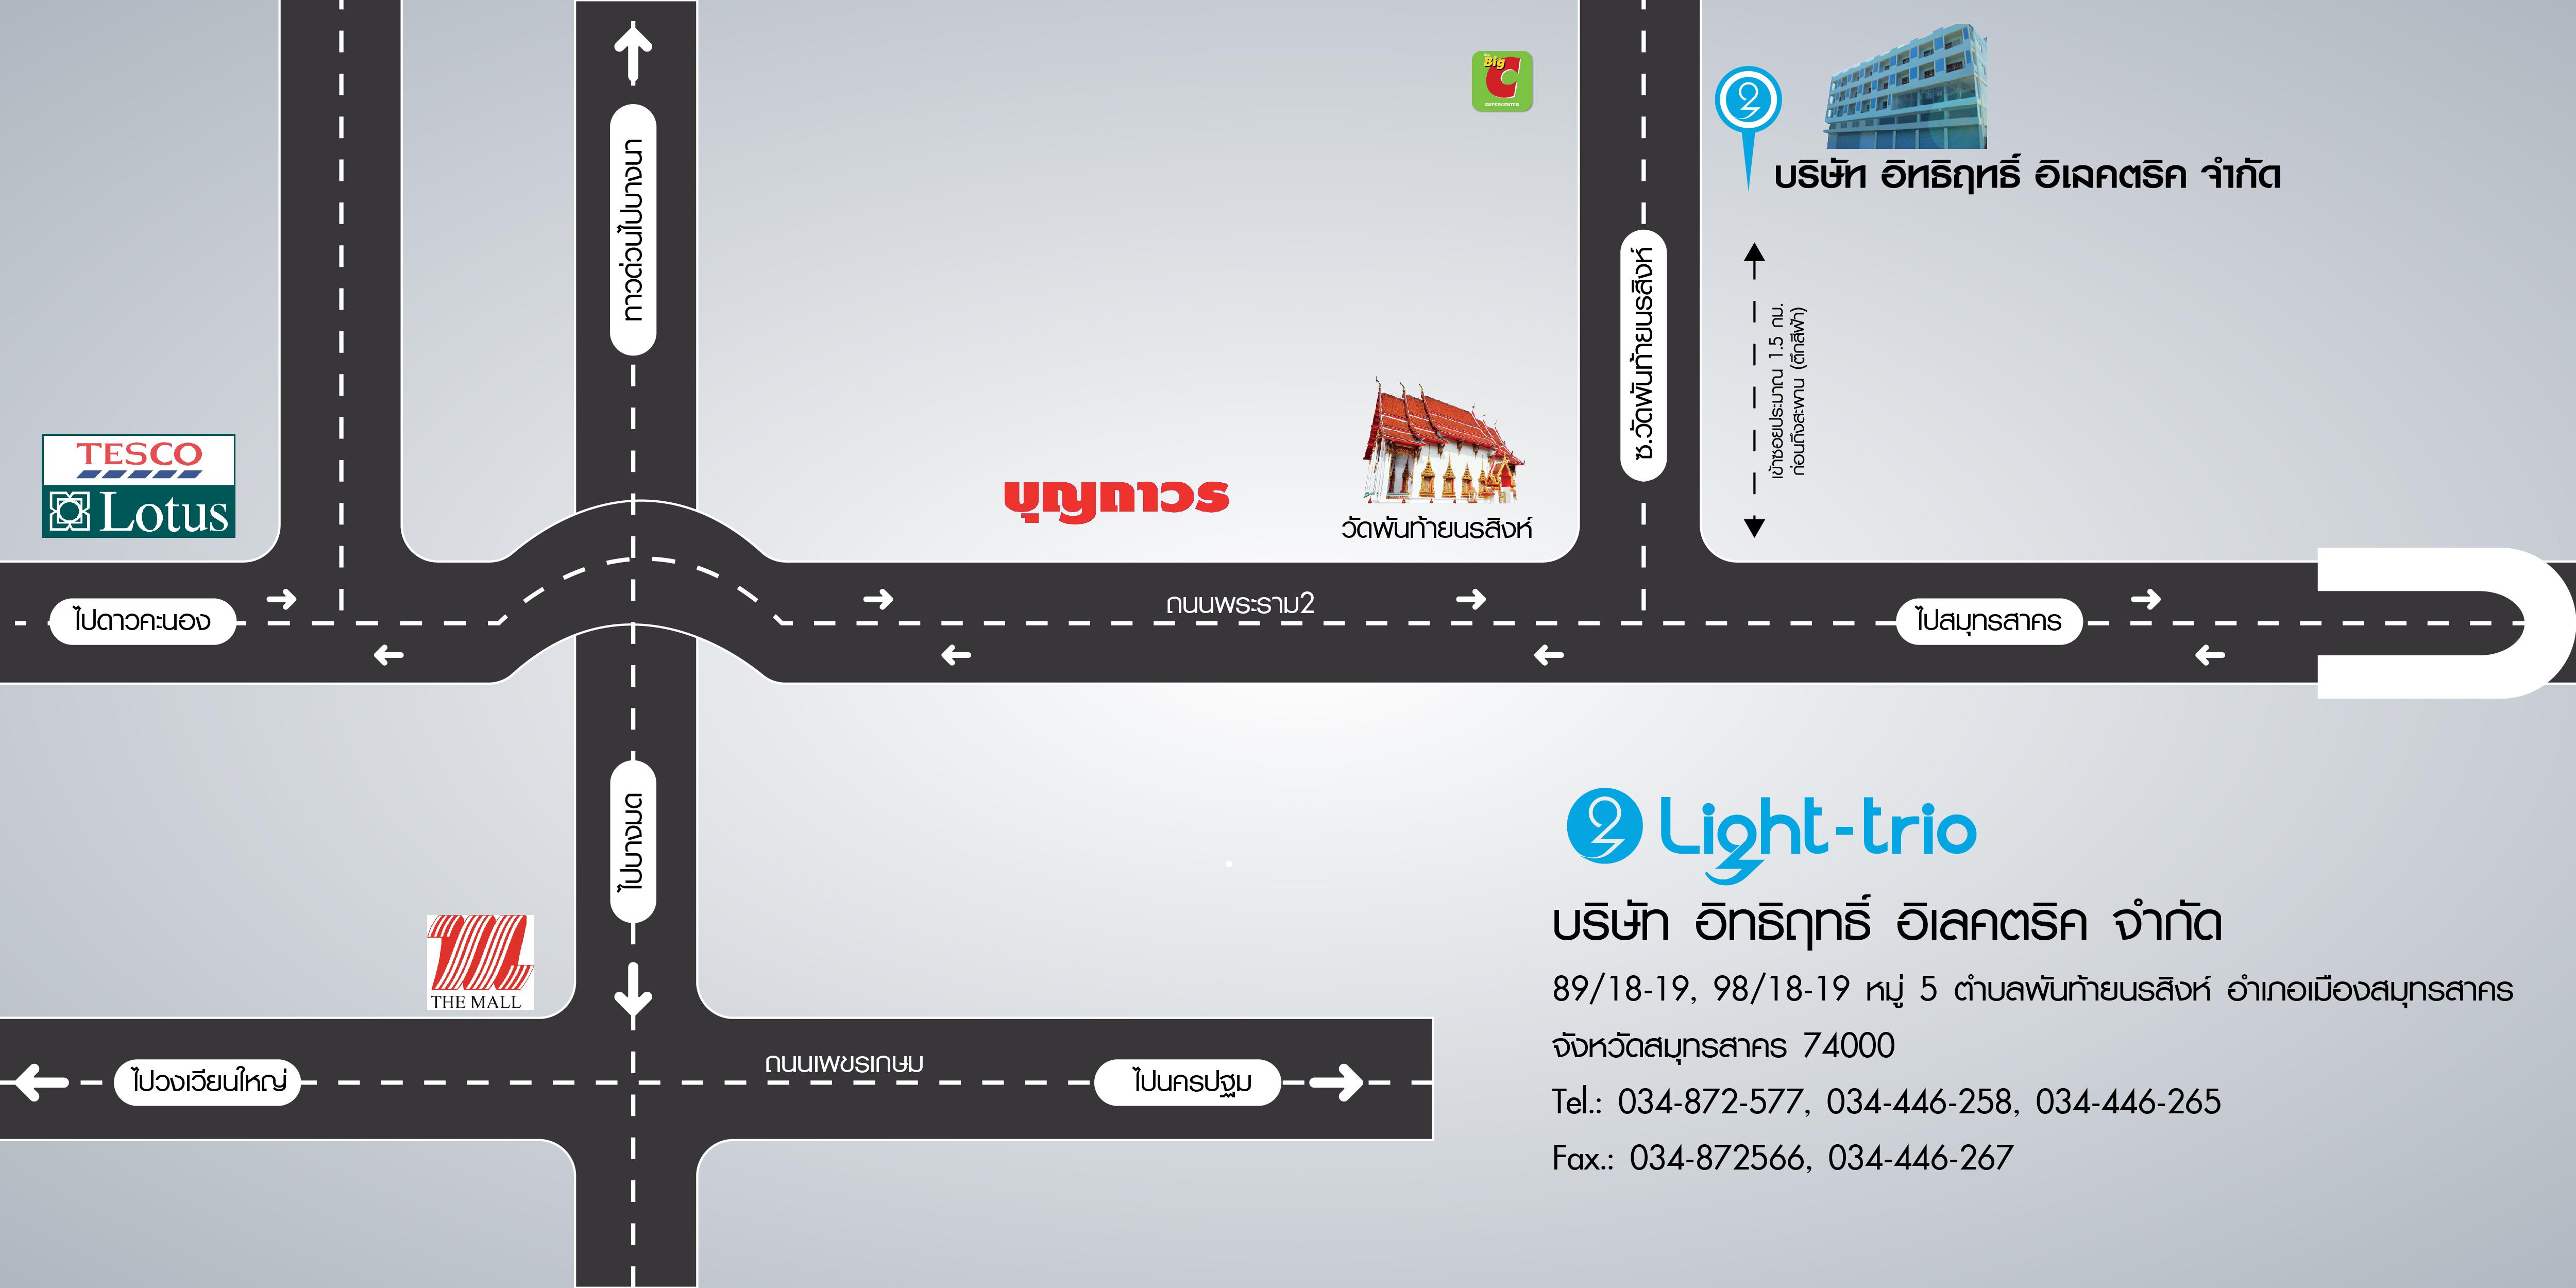 แผนที่ Lighttrio 2018-01